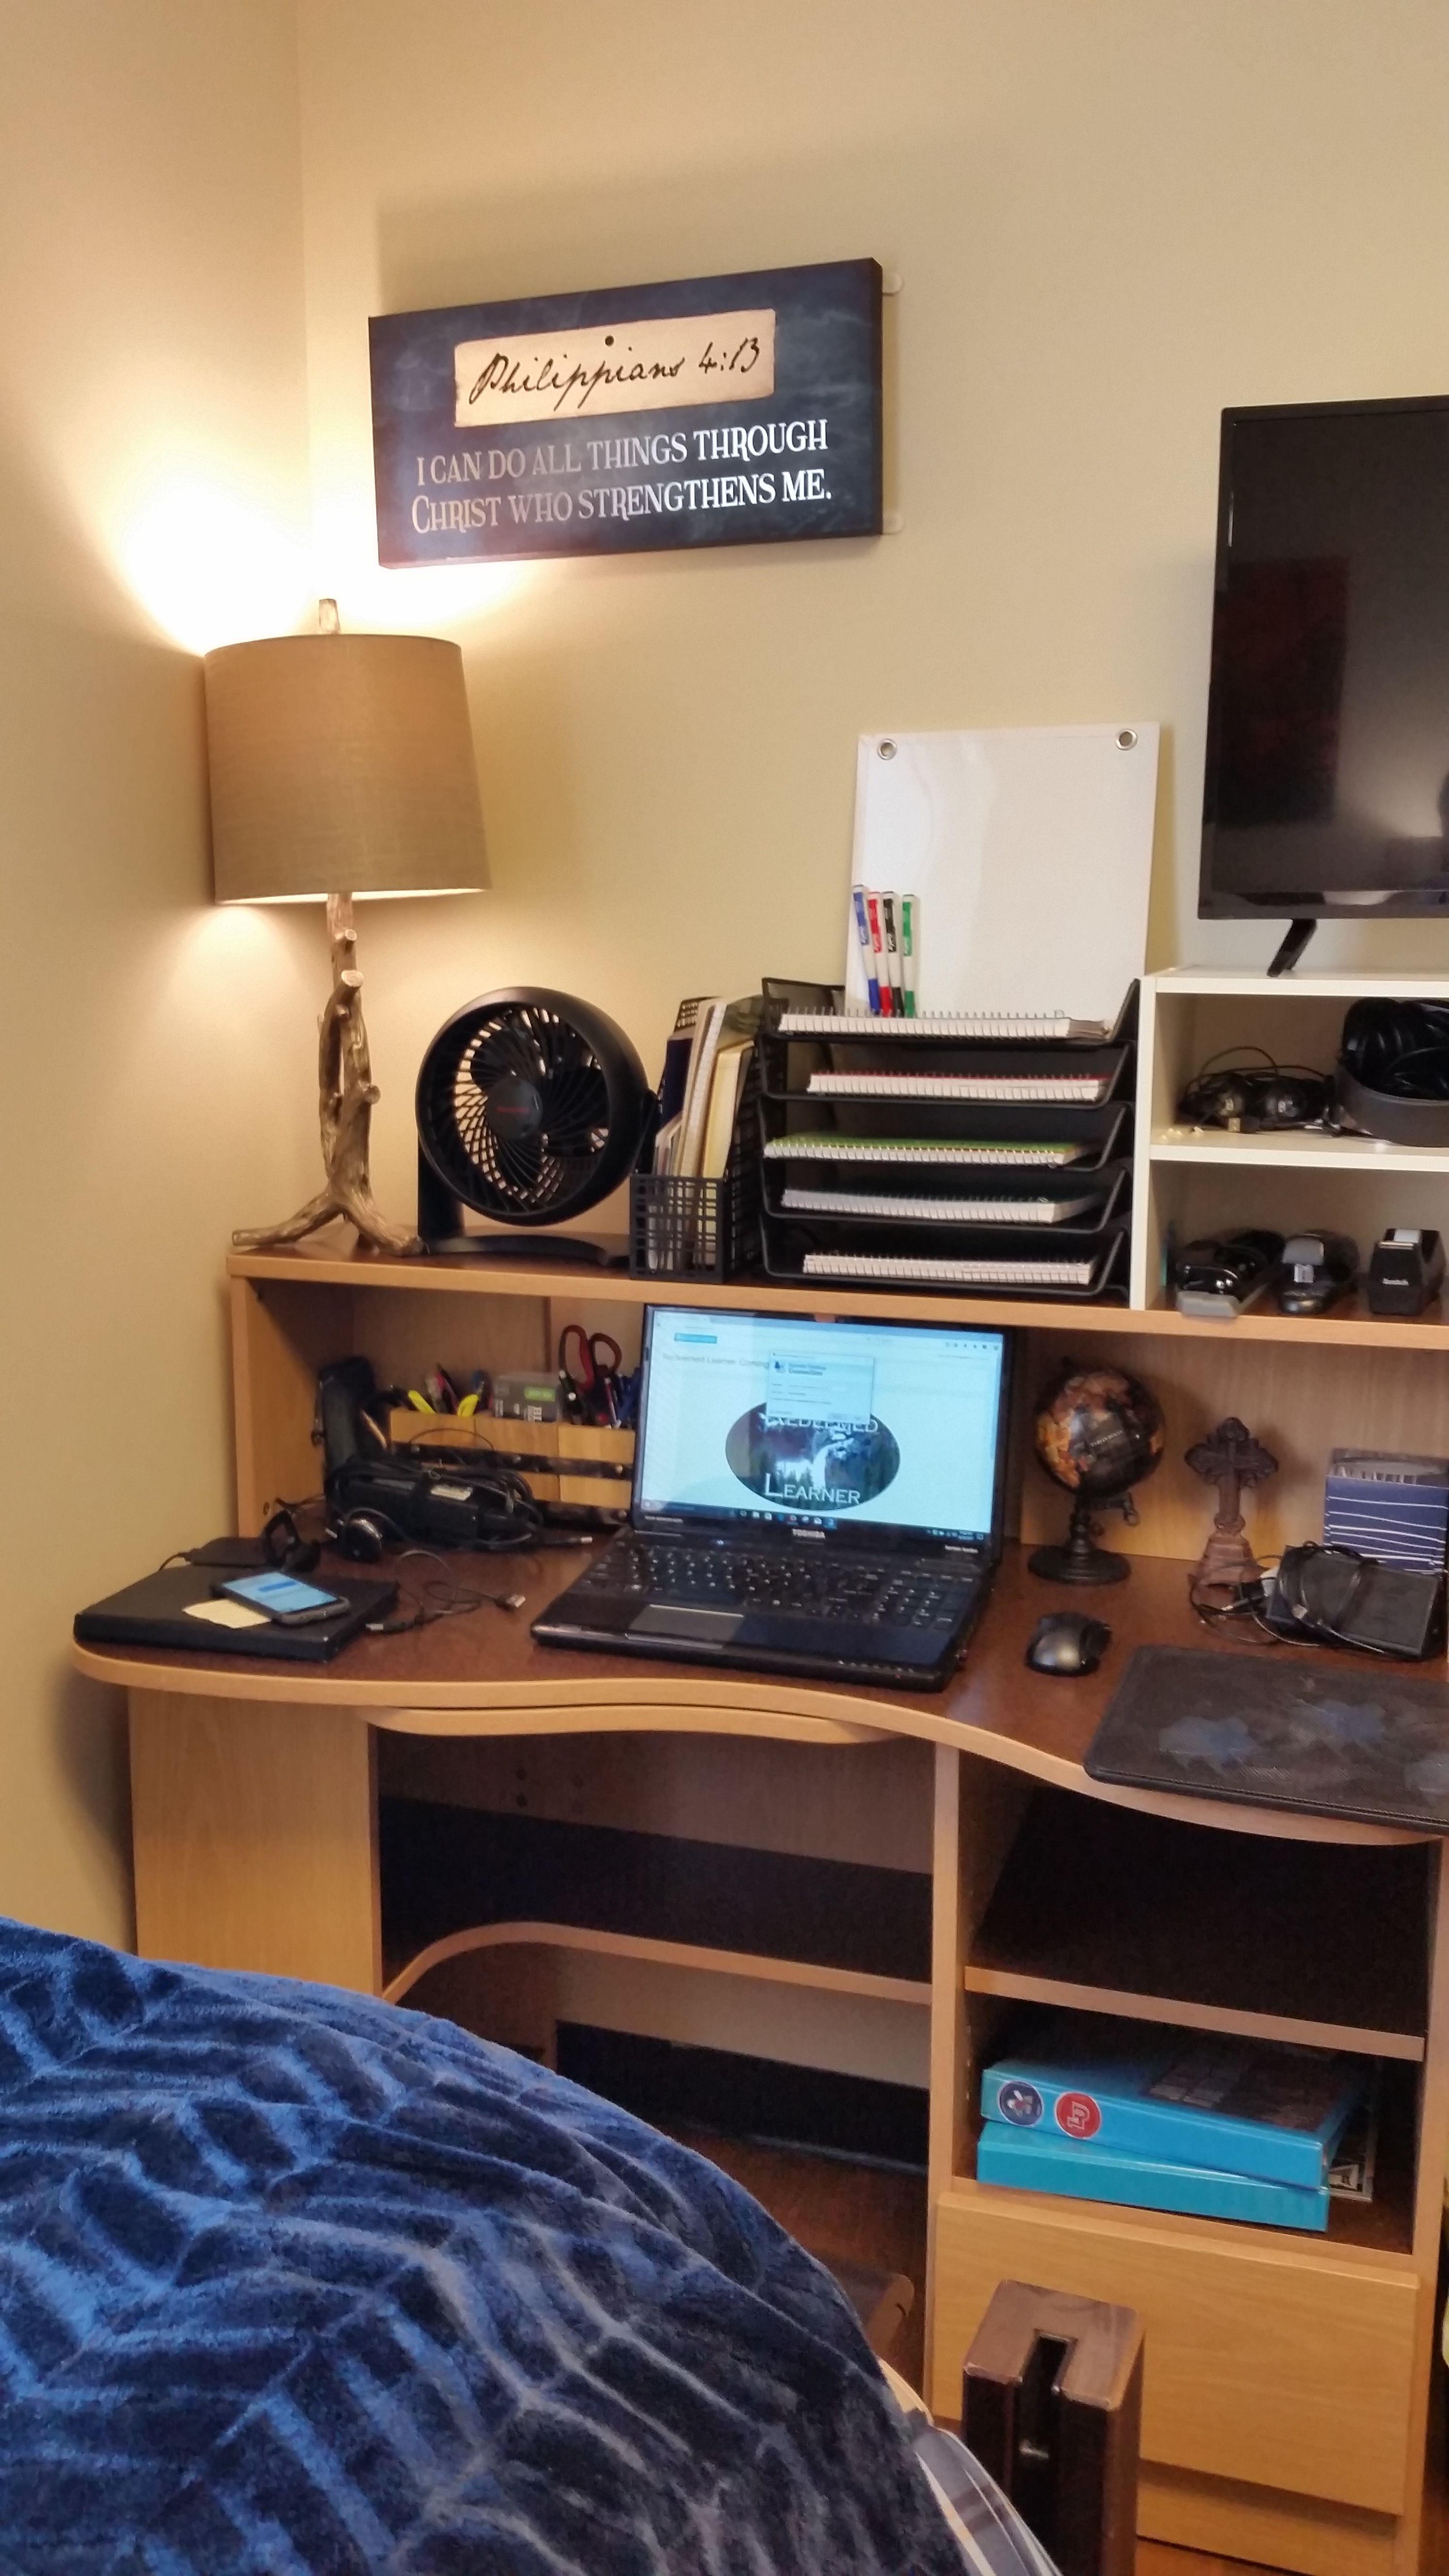 Marvelous LU Commons Desk Fan Is A Must! Nice Look